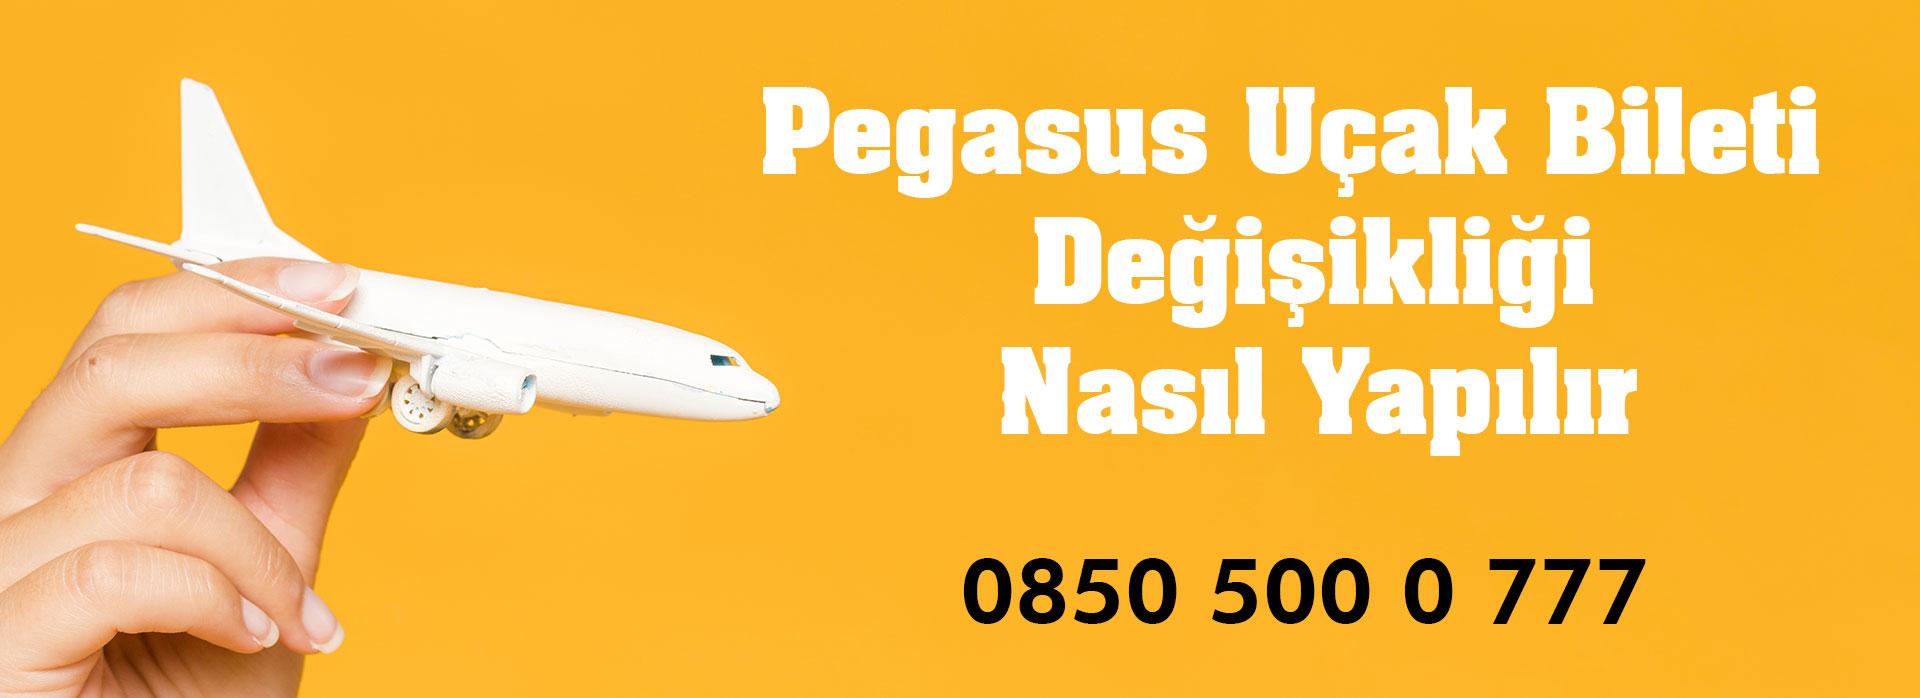 pegasus uçak bileti değişikliği